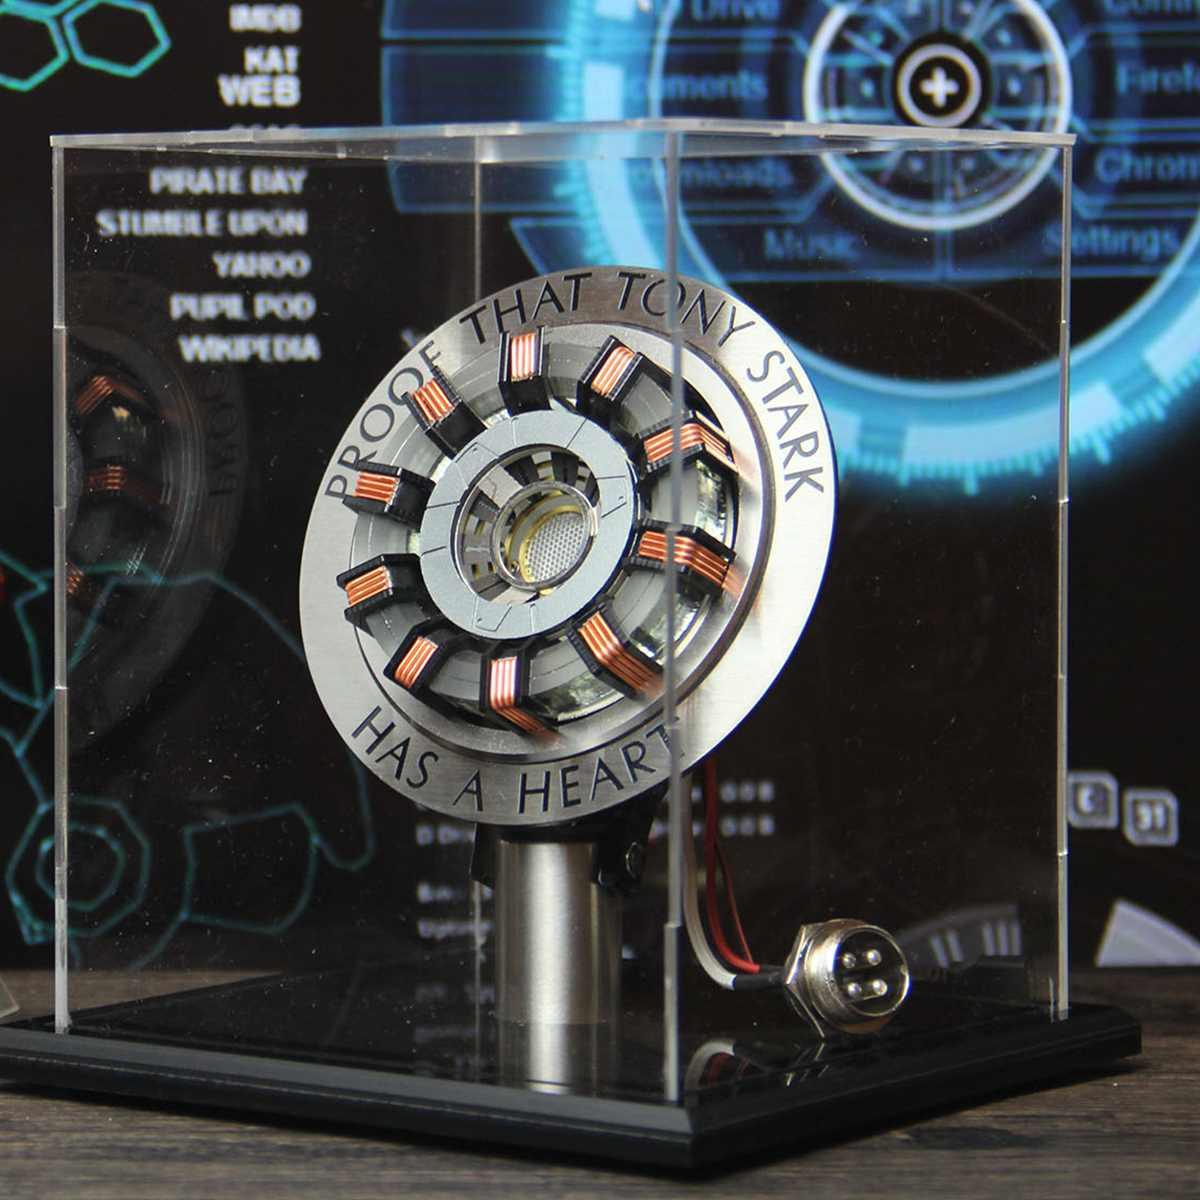 Livraison rapide gratuite 1:1 Arc réacteur bricolage Modle lumière LED marque deux télécommande lumière Arc MK2 bricolage pièces modèle assemblé jouets lampe de poitrine